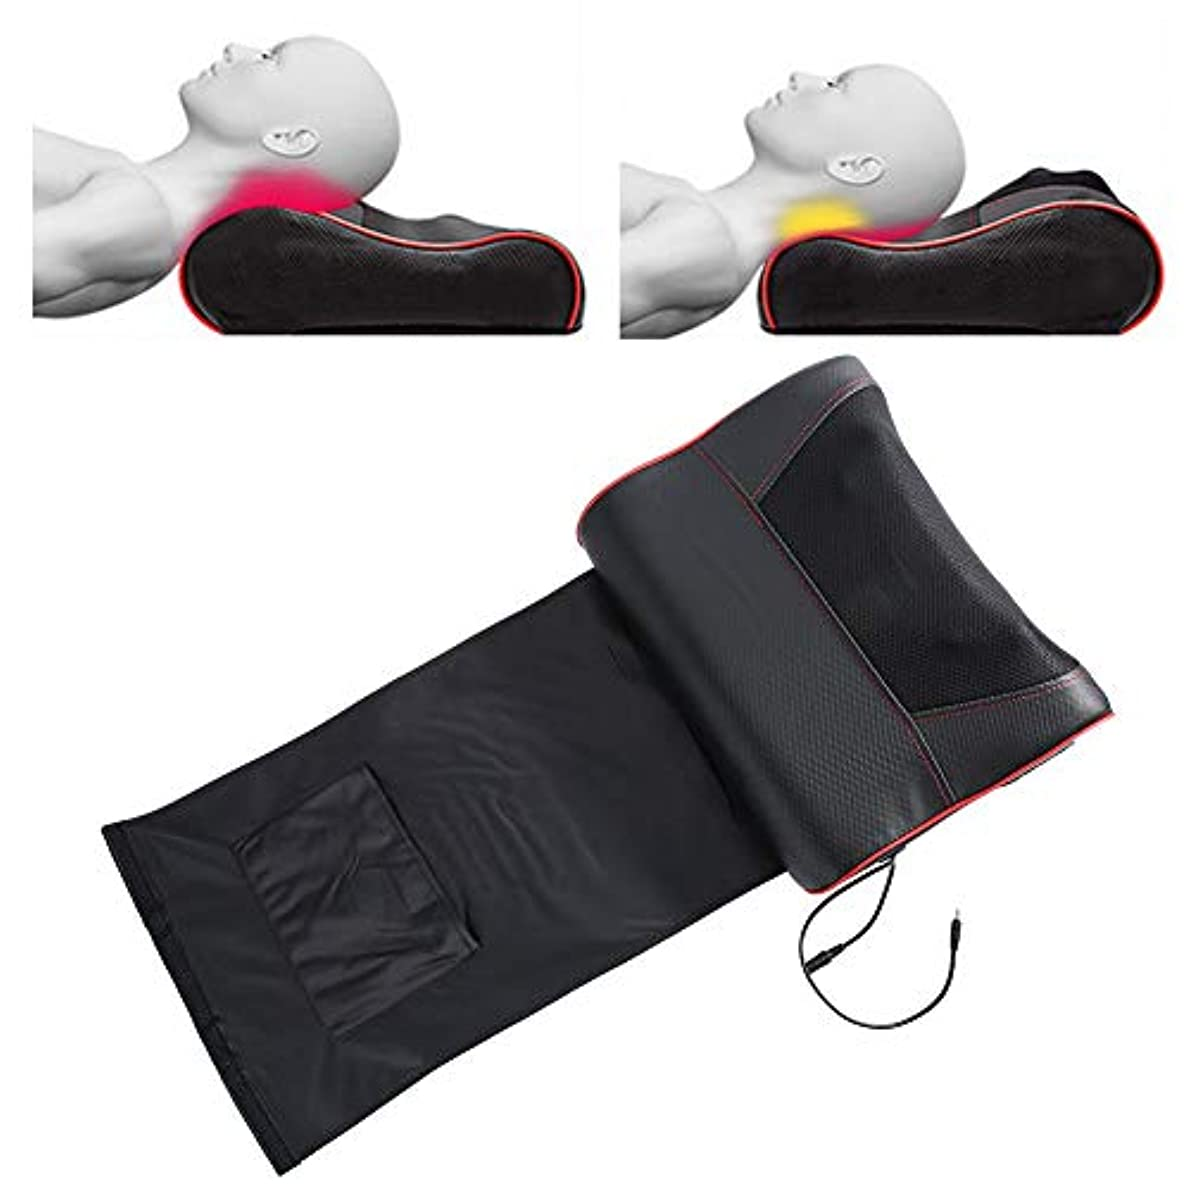 自然公園解任さまよう頸部マッサージ枕、多機能マッサージ枕、灸ホットコンプレックスネックウエストショルダーマッサージ用全身筋肉痛(US-Plug)